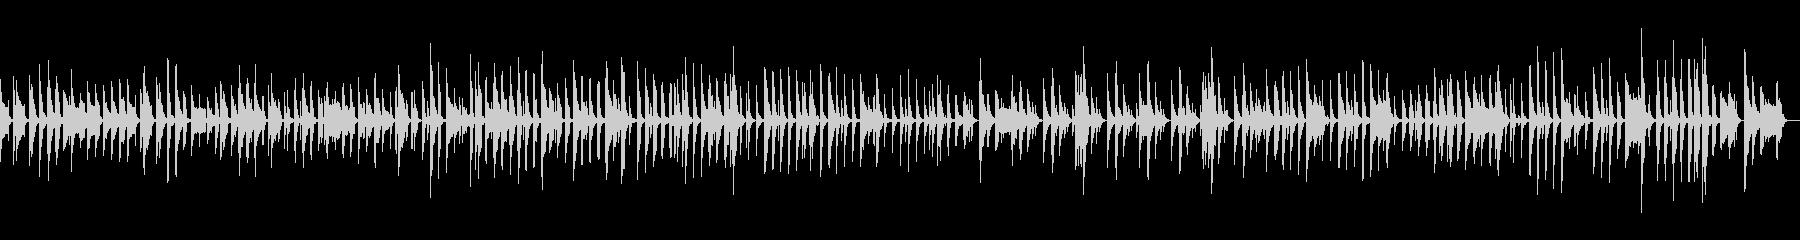 「ニャー」音を使ったちょっぴり間抜けな曲の未再生の波形